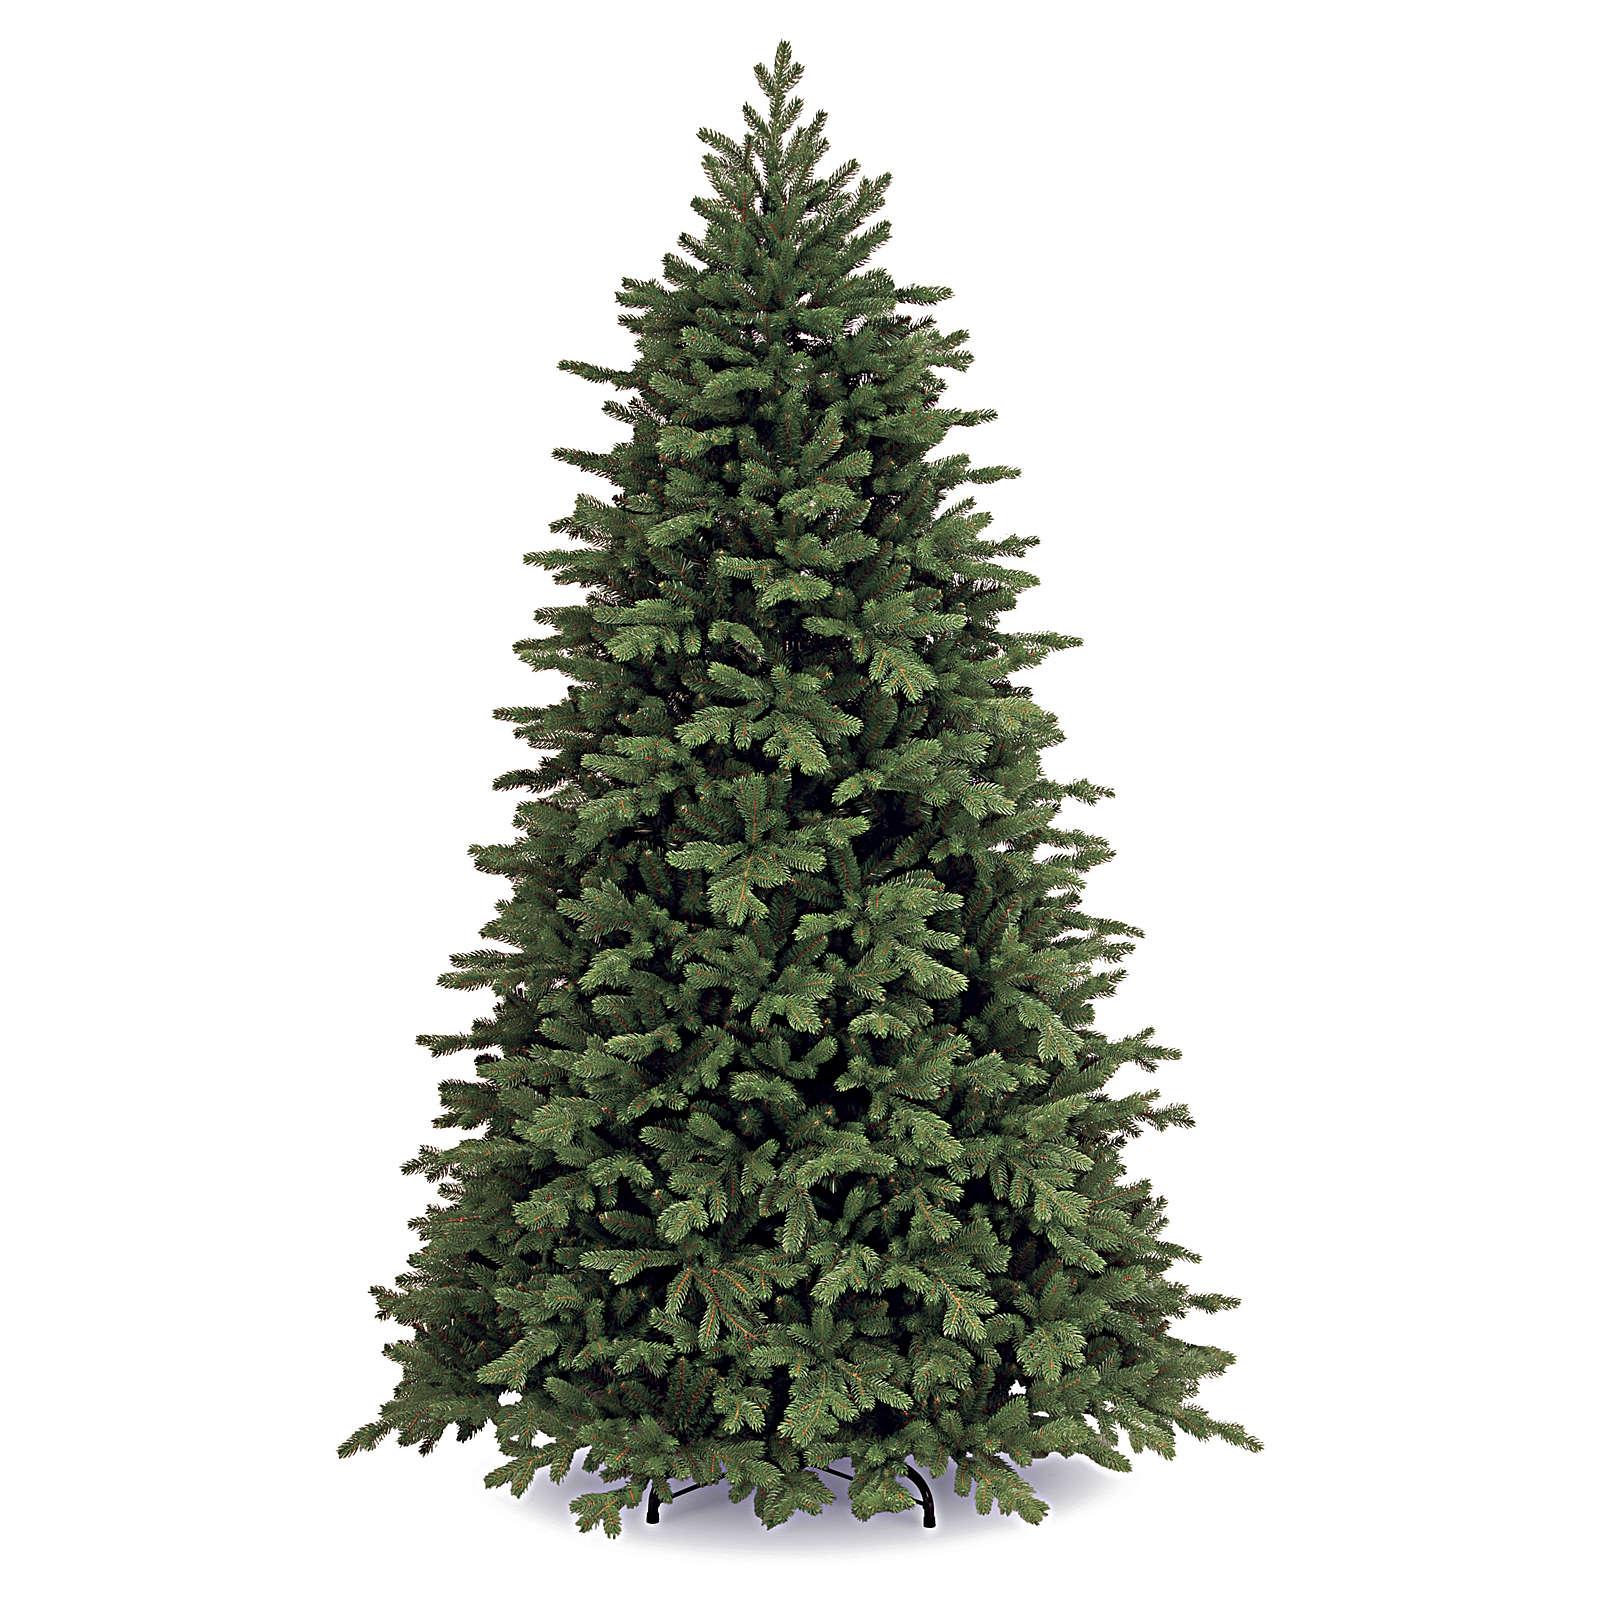 Grüner Weihnachtsbaum Mod. Princetown 210cm Poly 3